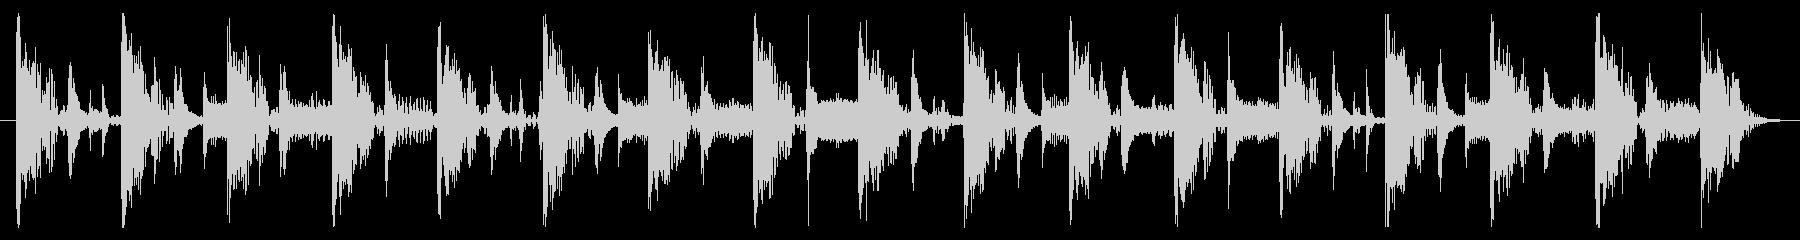 ベース生演奏のクールスラップジングル07の未再生の波形